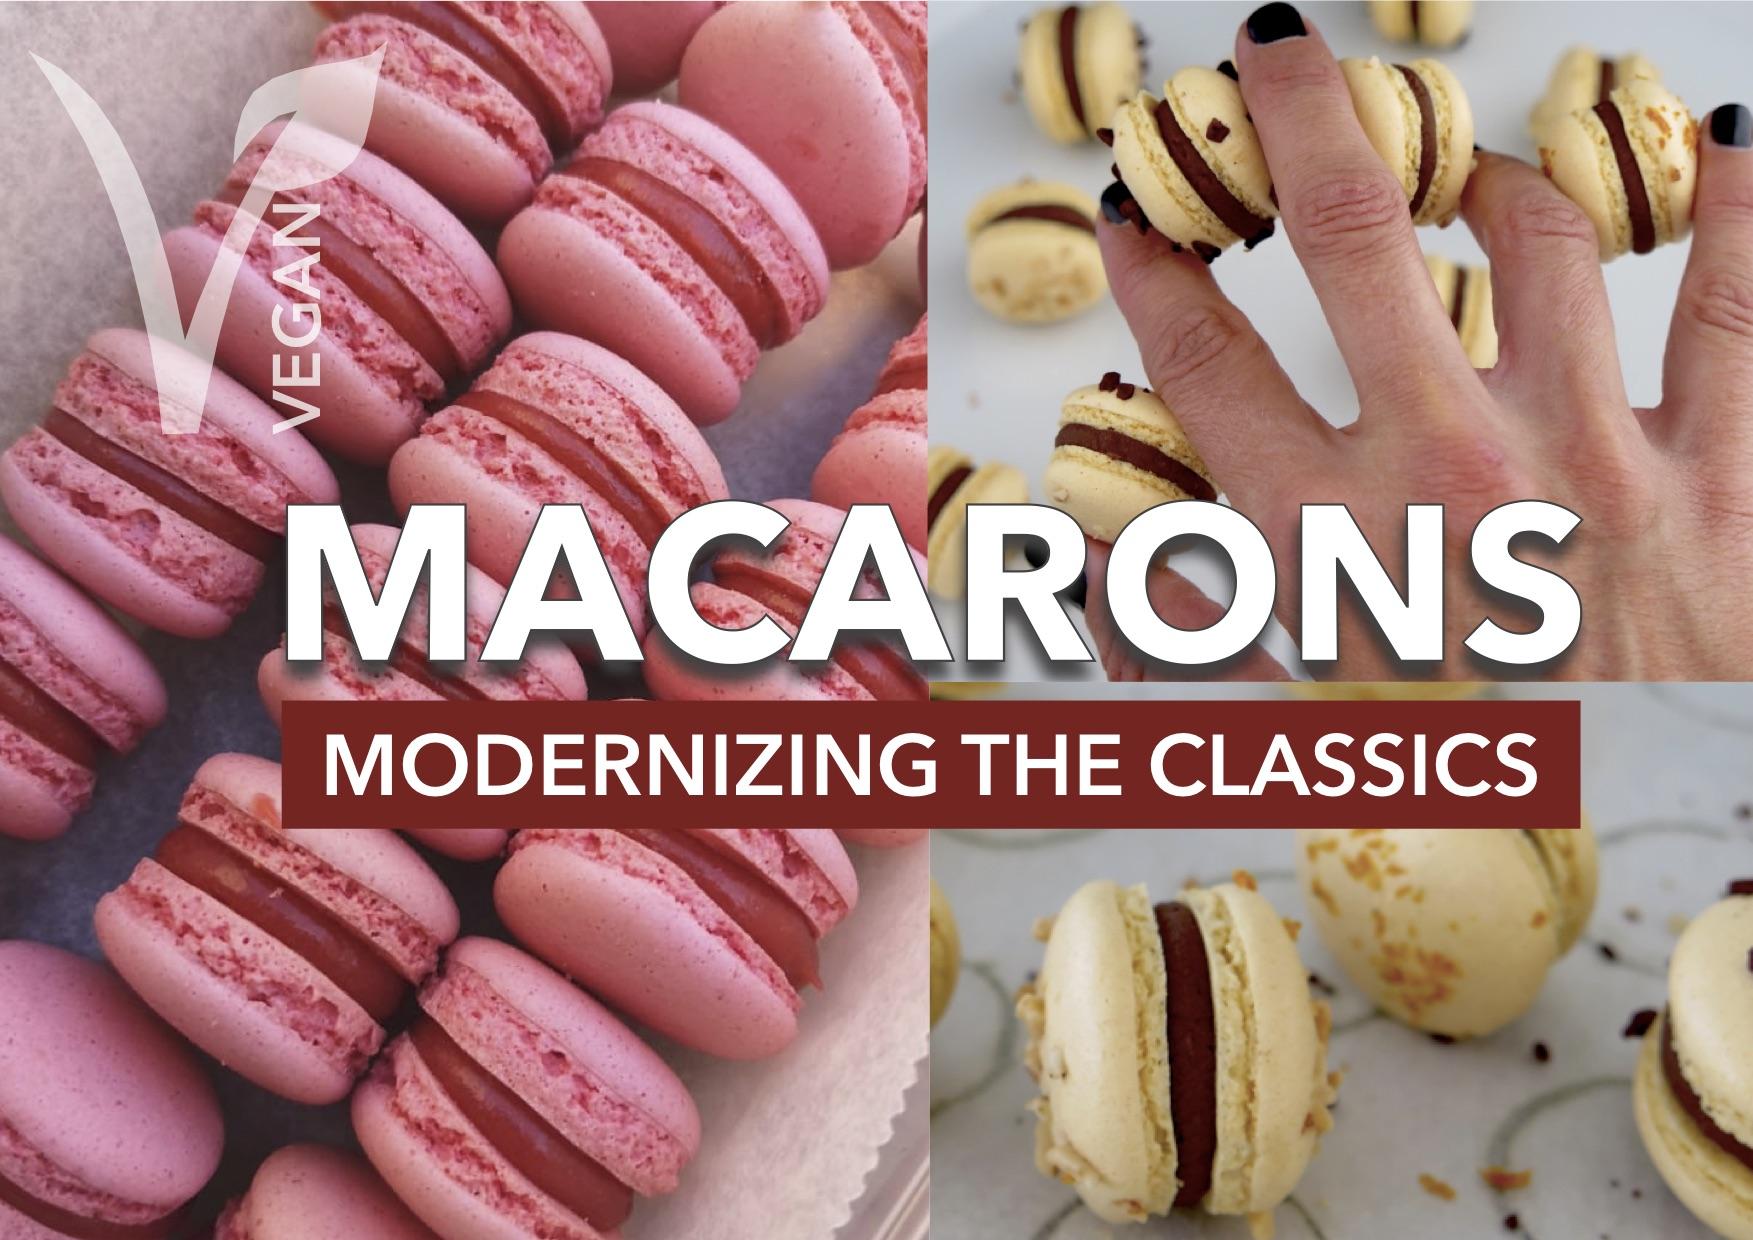 macaron-carousel-vegan-gastro.jpg